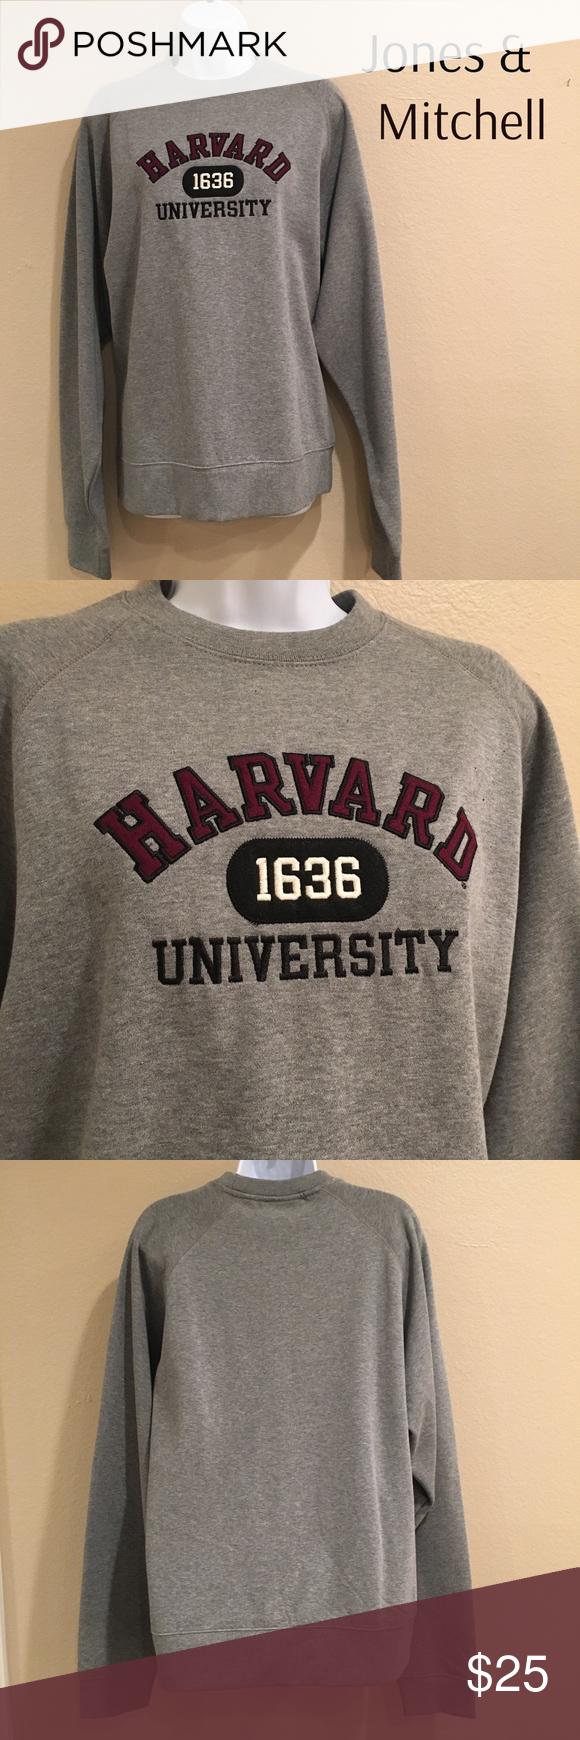 Jones Mitchell Harvard Sweatshirt Clothes Design Unisex Fashion Fashion Design [ 1740 x 580 Pixel ]